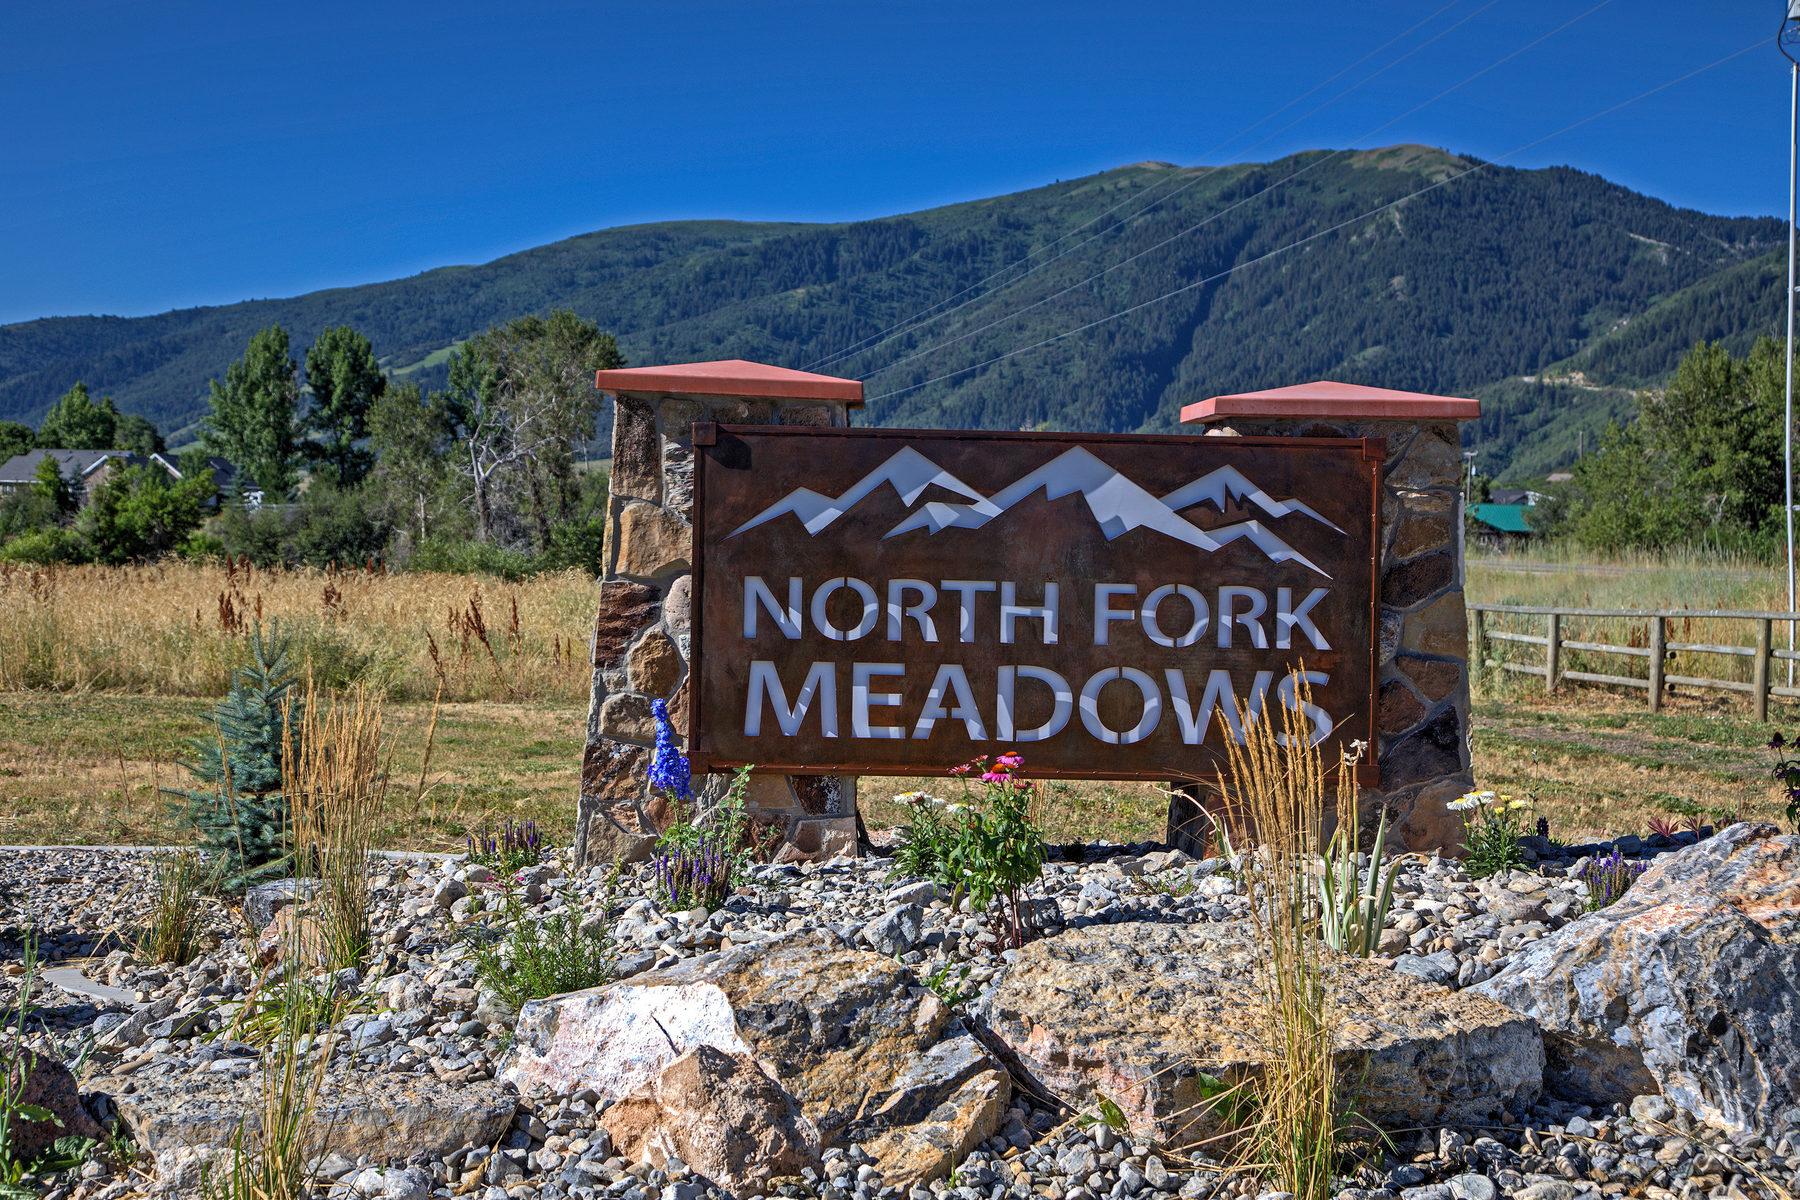 Terreno por un Venta en Build Your Dream Home in Eden Utah 3229 East 5225 North Lot 8 Eden, Utah, 84310 Estados Unidos